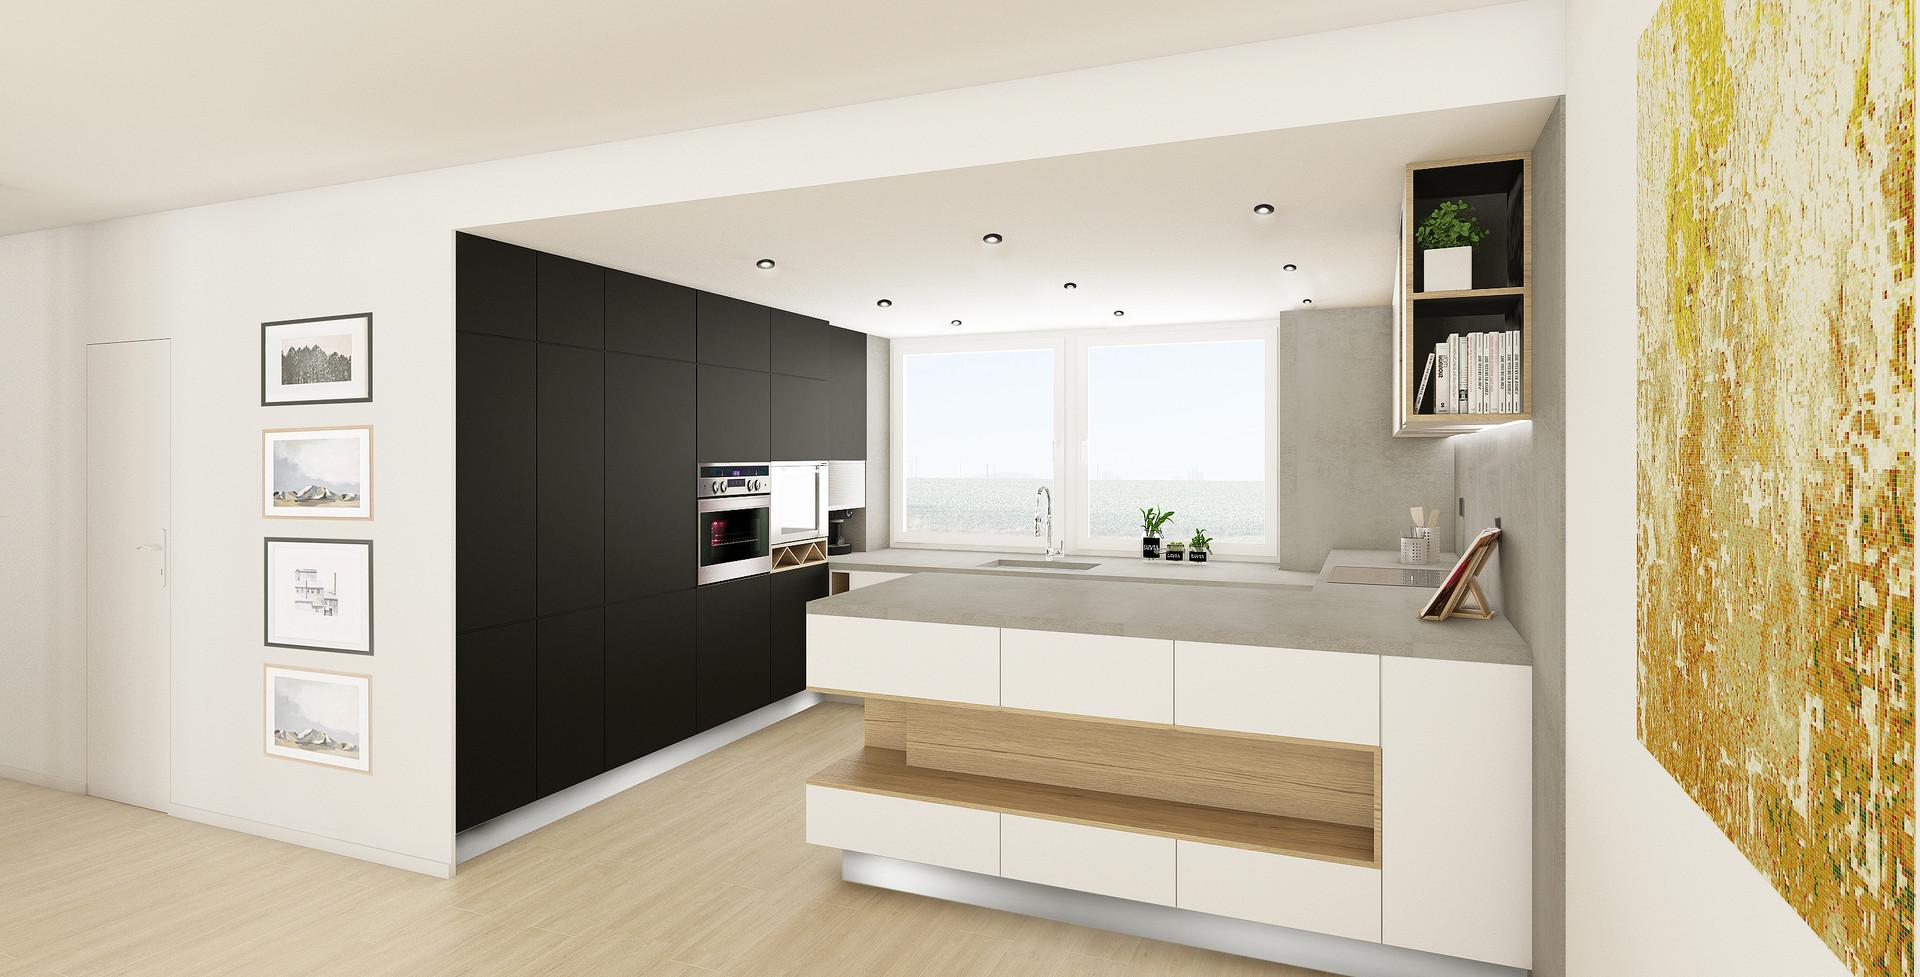 vizualizace: kuchyně